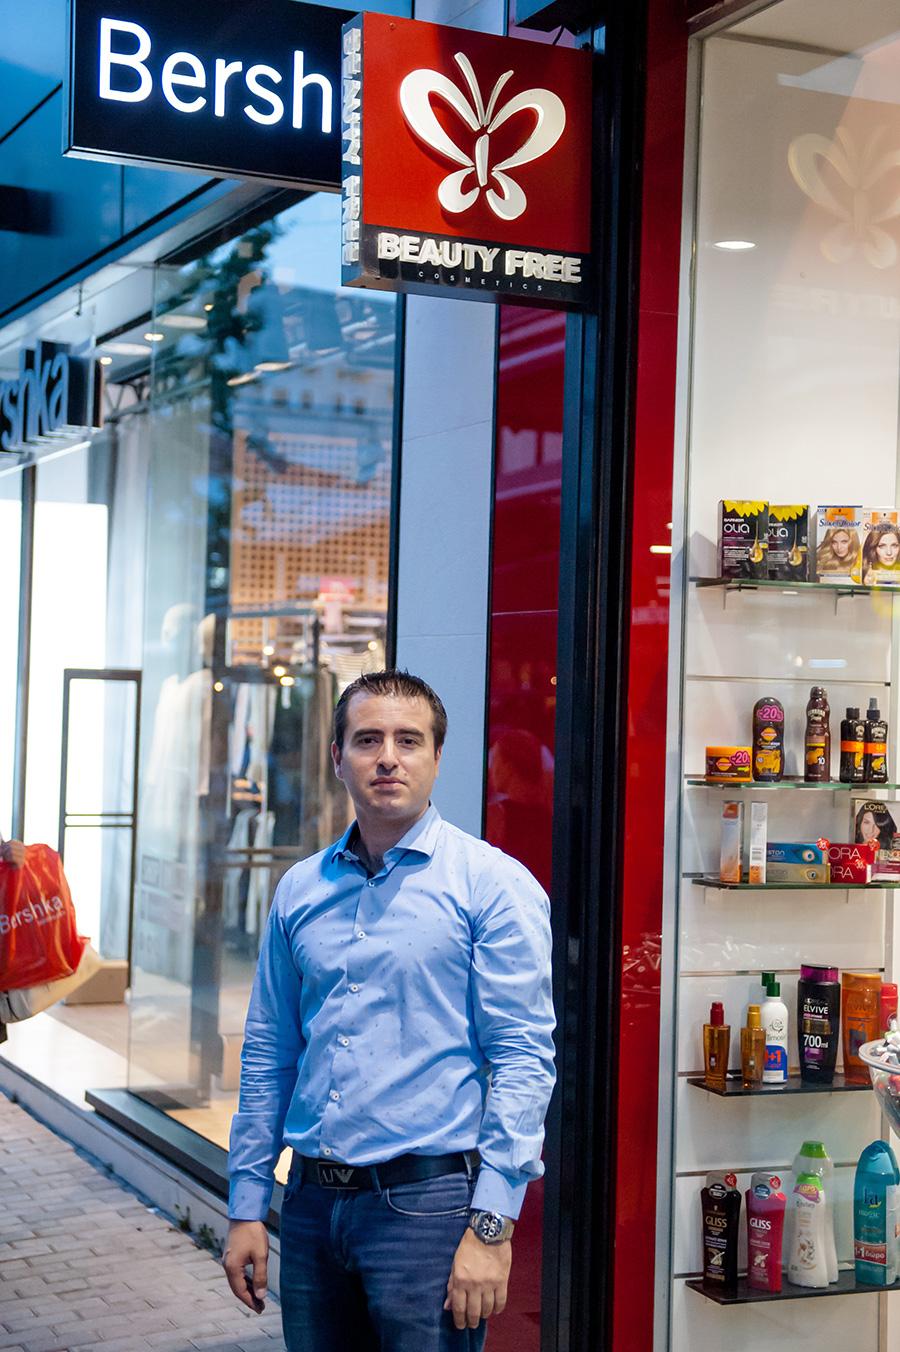 Δημήτρης Γκισάκης: Πρωτοπόρος στον χώρο της ομορφιάς